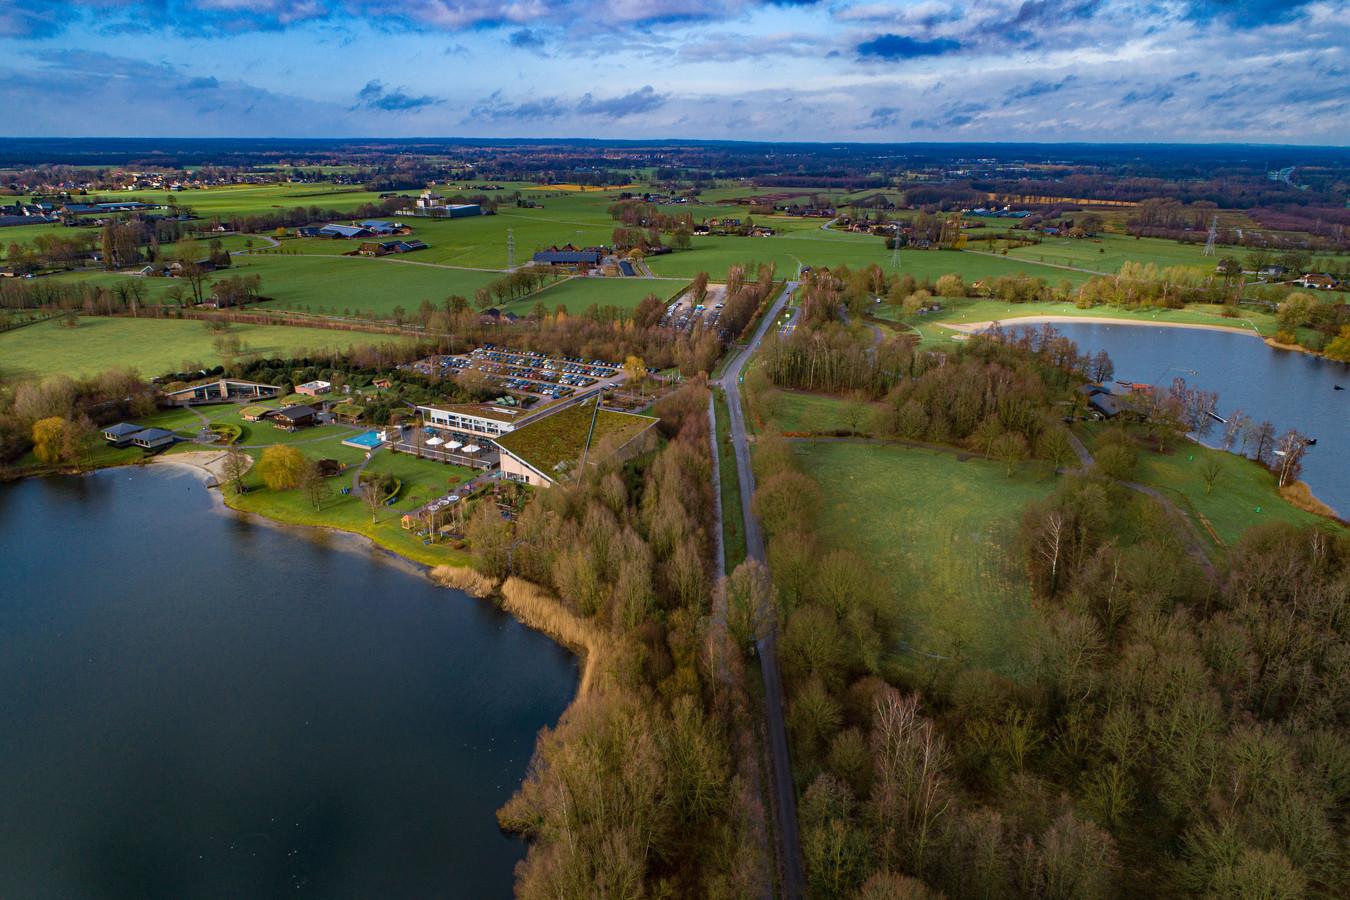 Leisurelands, eigenaar van recreatieterrein Kivietsveld bij Emst, wil een eenvoudig hotel met 80 kamers bouwen op het open veldje rechts op de foto bouwen bij wellnesscentrum de Veluwse Bron (links in beeld).